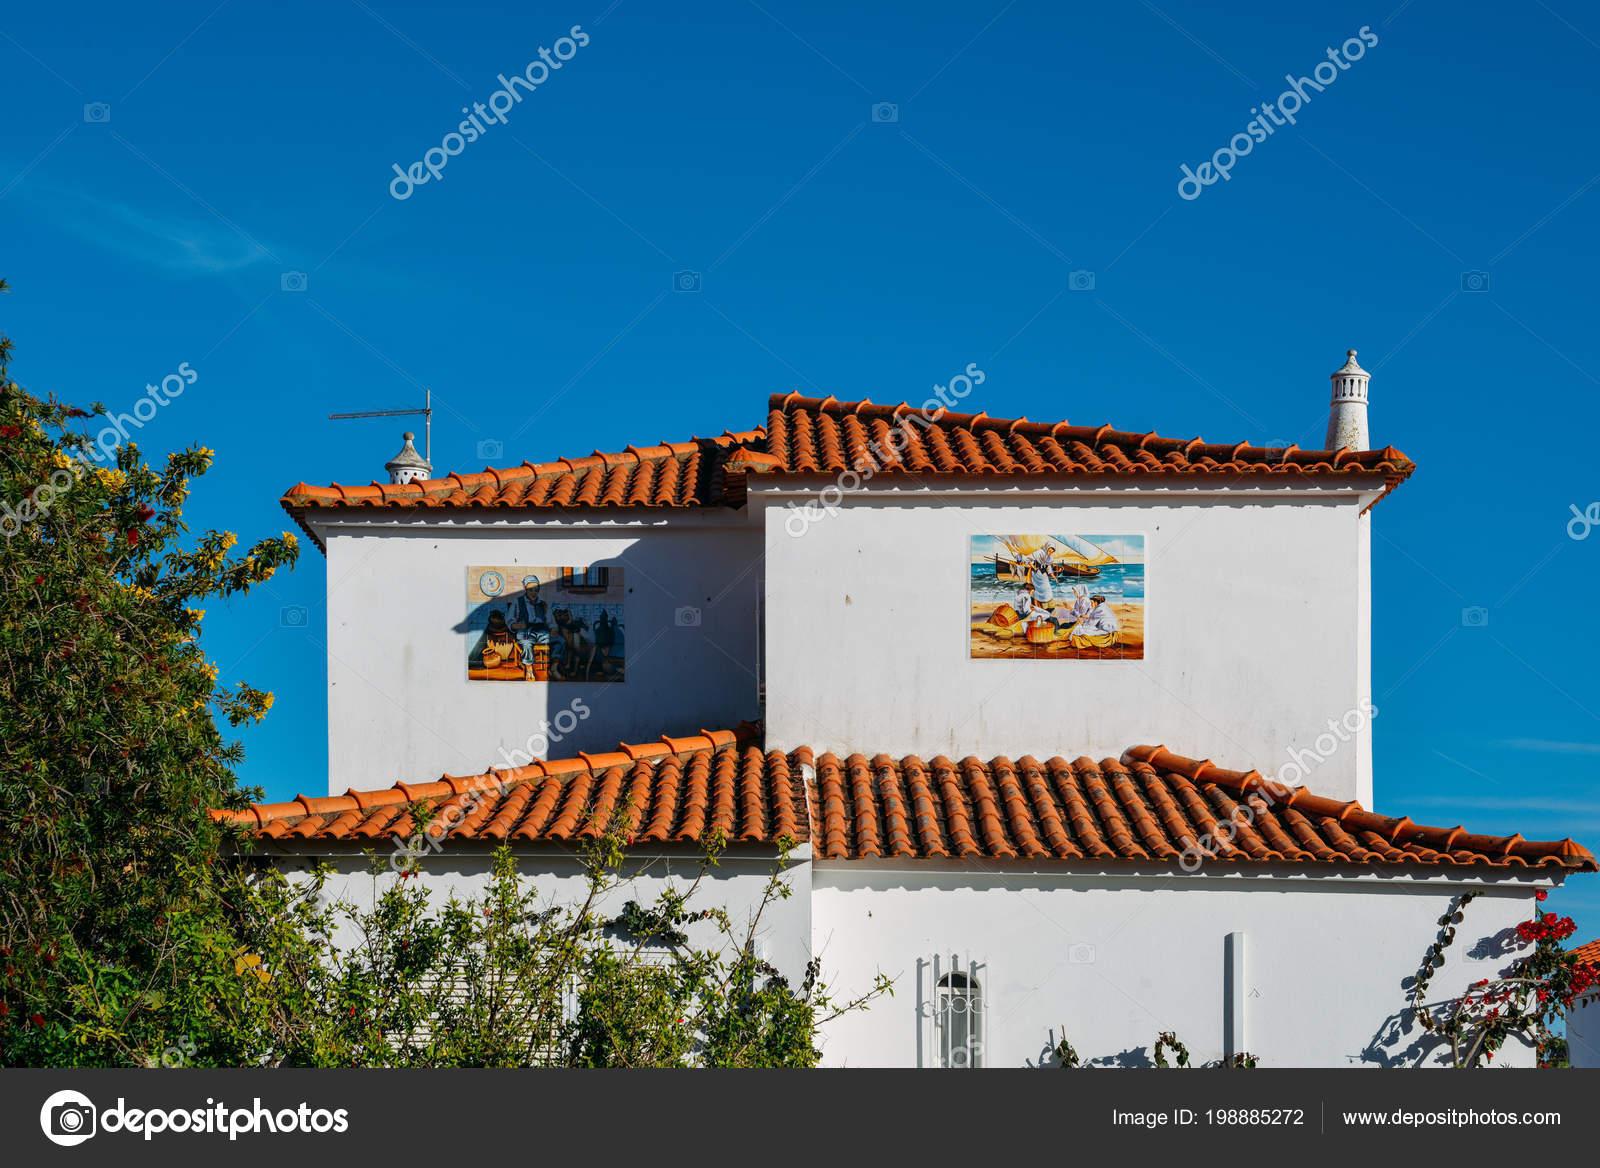 Vedle Sebe Kresby Na Strane Budova Zobrazujici Portugalske Kultury